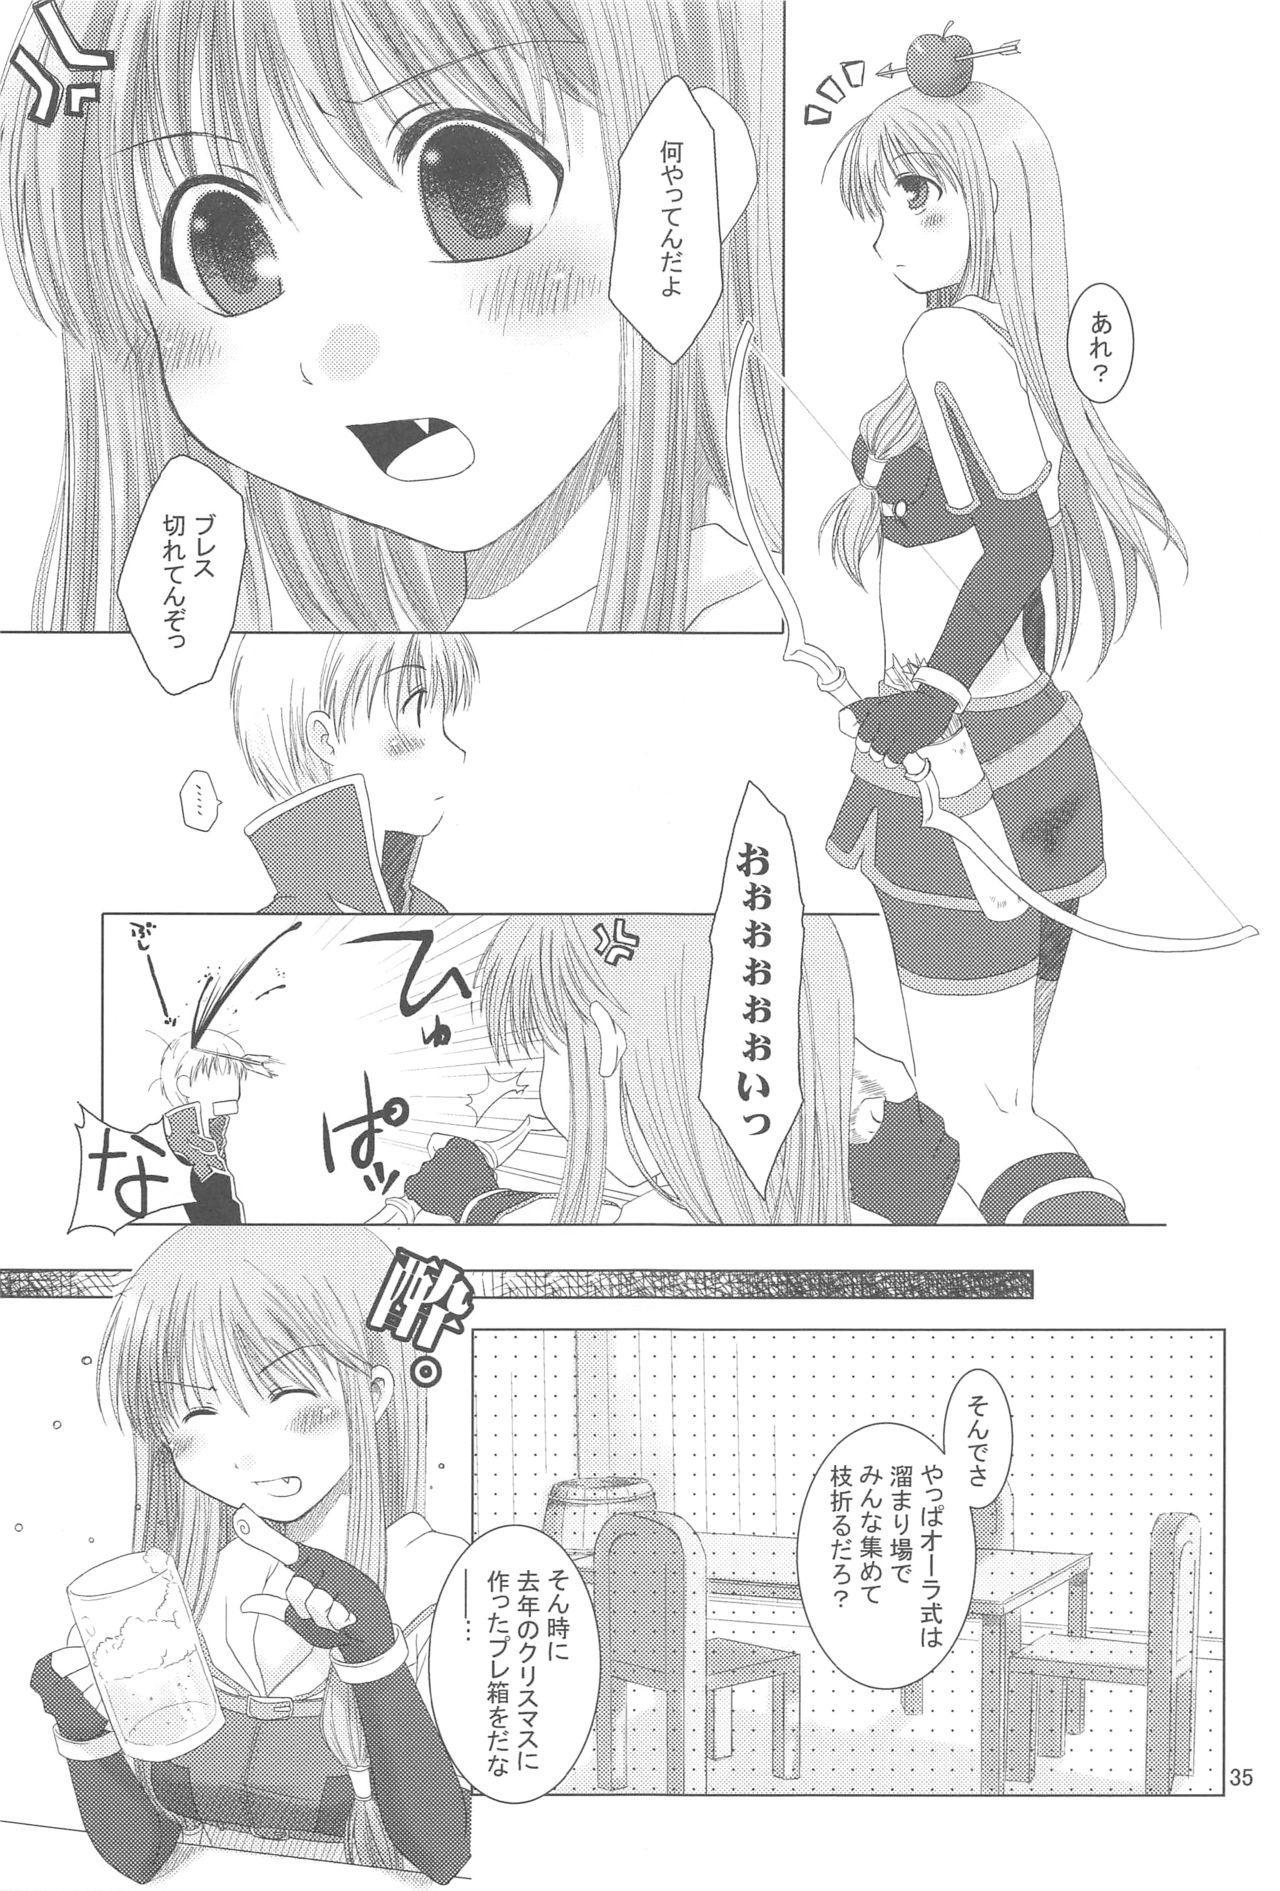 Quagmire no Chuushin de, Shuuchuuryoku Koujou to Sakebu 33